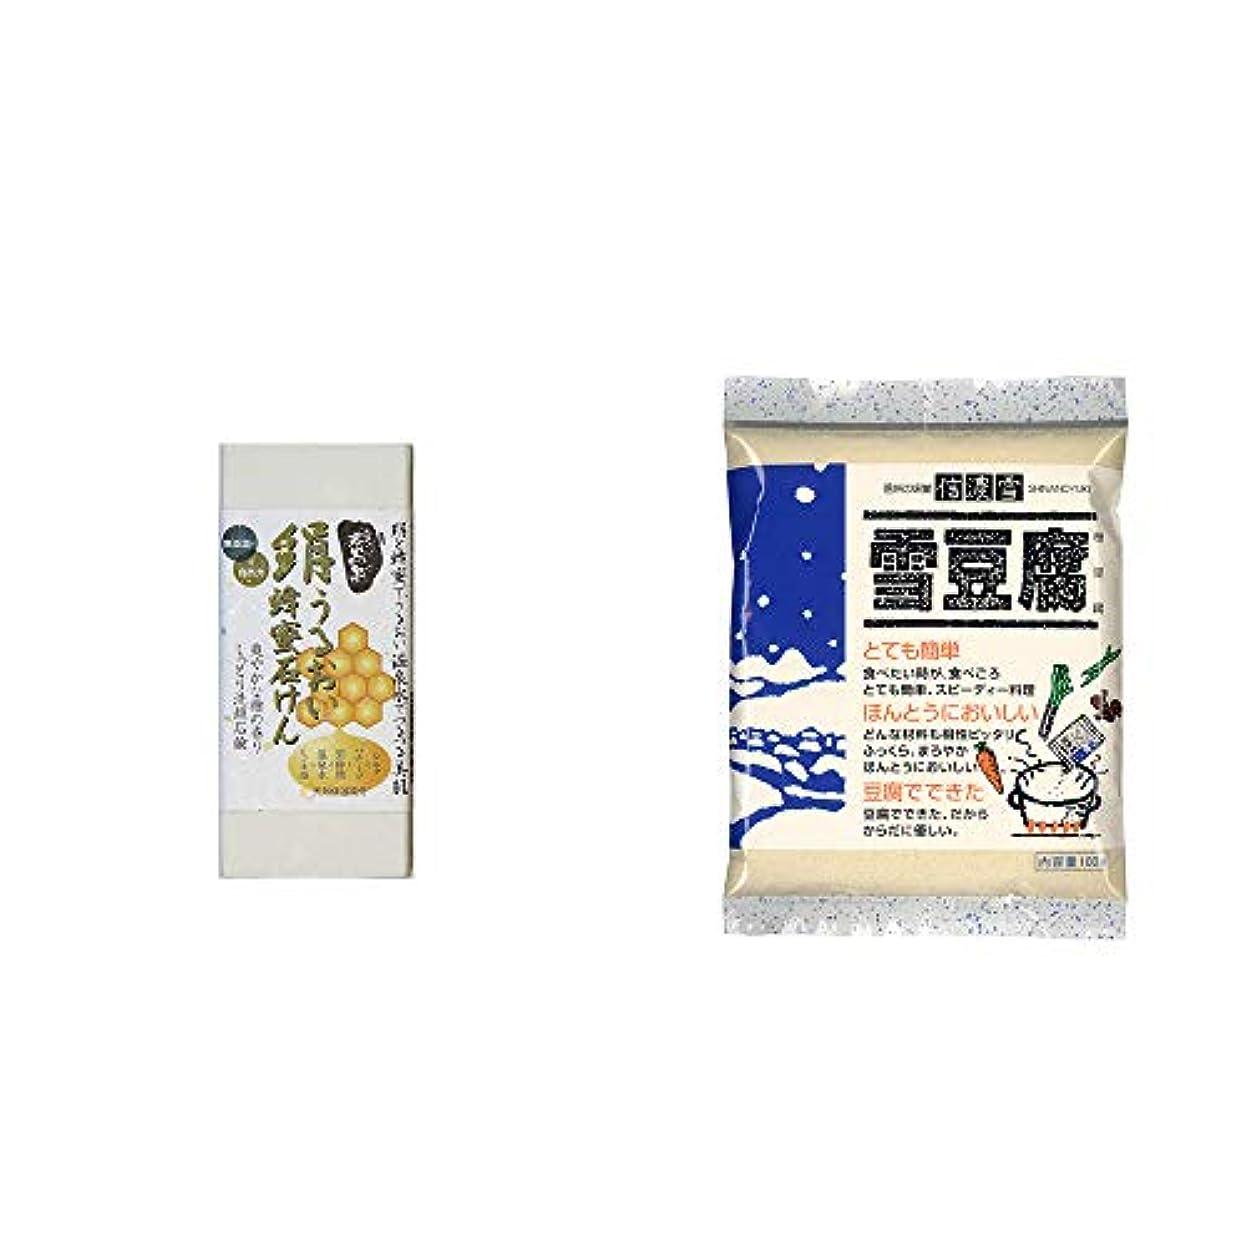 ヒロインふさわしい病気[2点セット] ひのき炭黒泉 絹うるおい蜂蜜石けん(75g×2)?信濃雪 雪豆腐(粉豆腐)(100g)